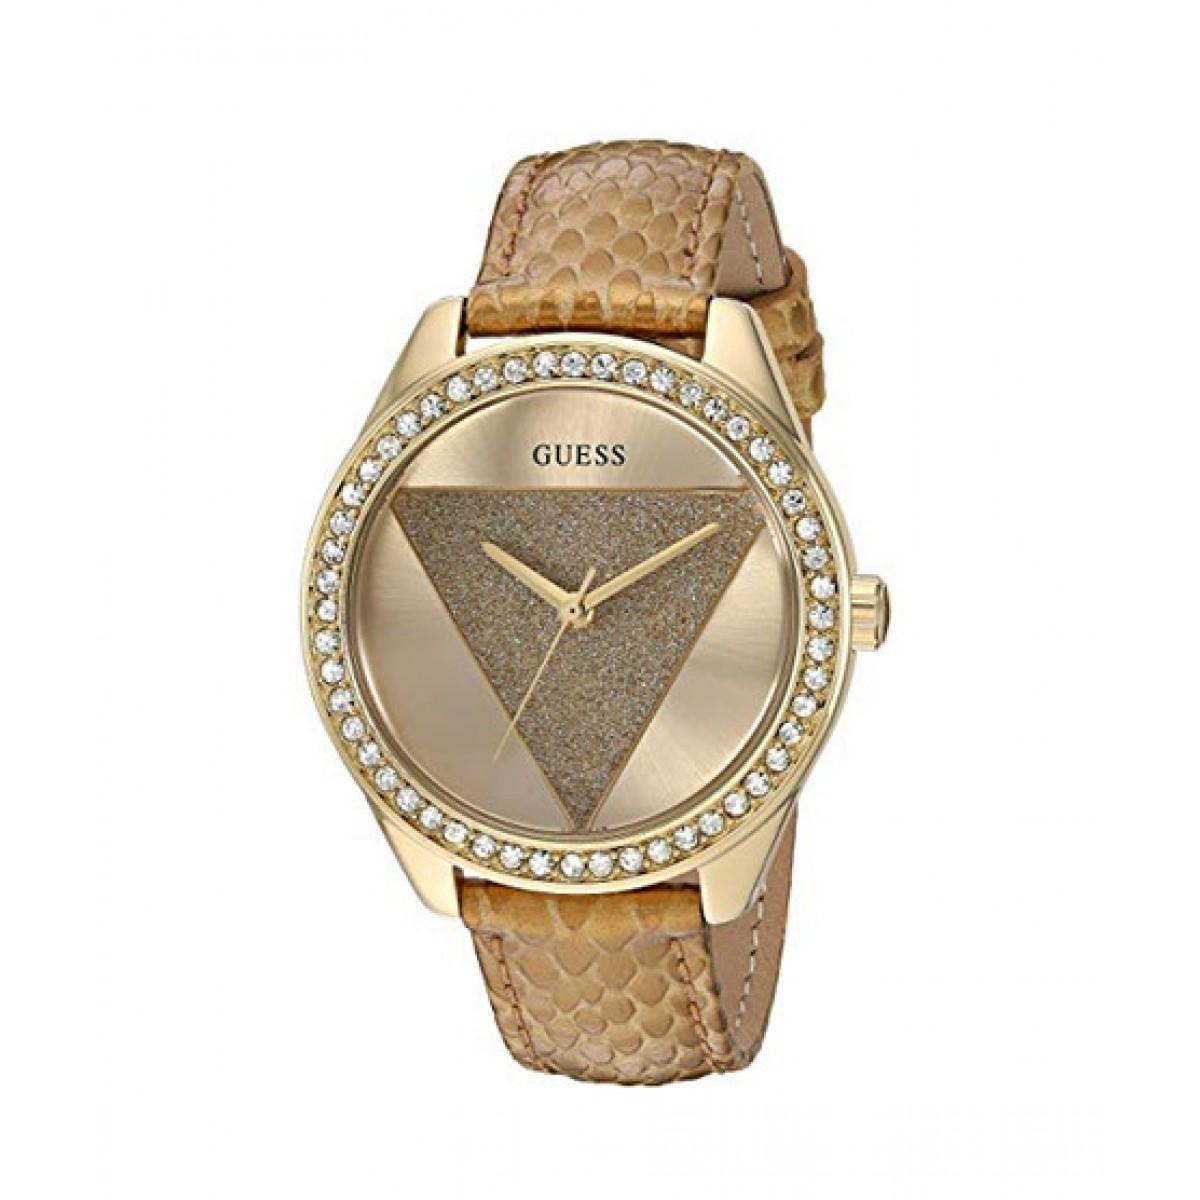 5709e4f8c9 Guess Crystal Glitter Women's Watch Price in Pakistan | Buy Guess Women's  Watch Gold (U0884L5) | iShopping.pk